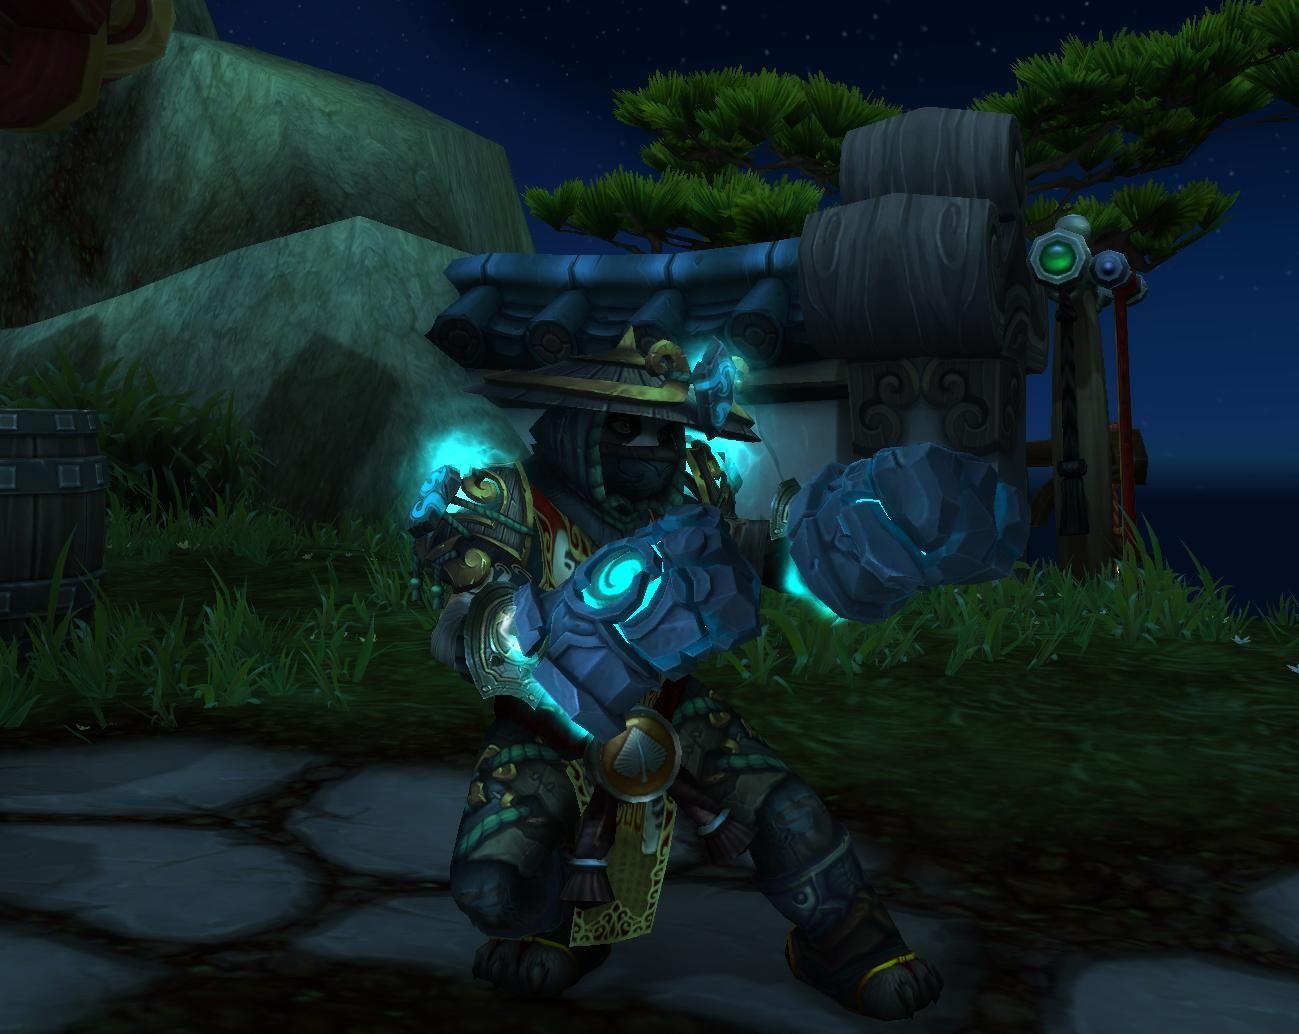 just got my windwalker monk hidden artifact appearance stormfists